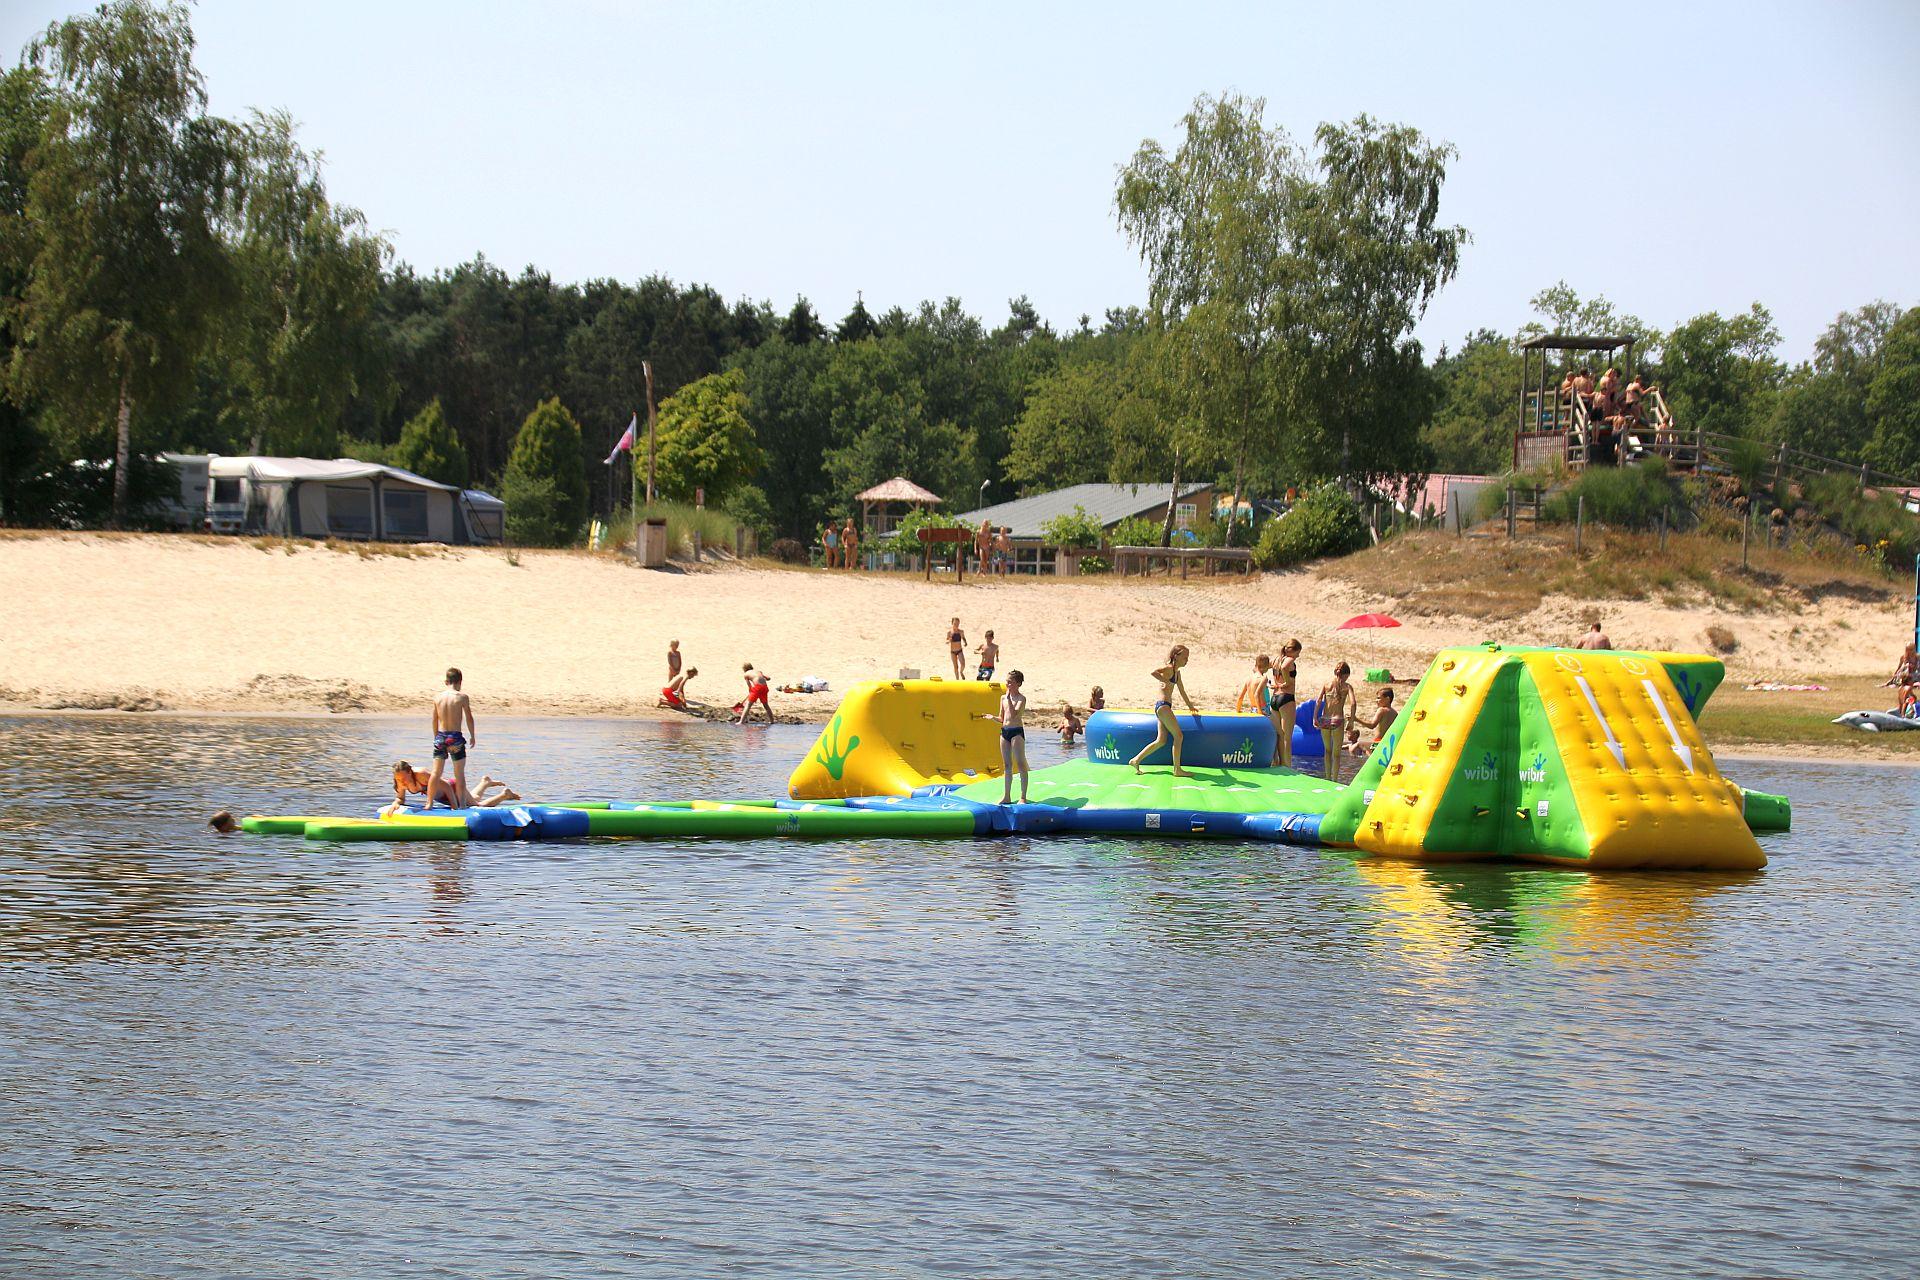 Camping vakantie in Overijssel op Vakantiepark het Stoetenslagh - Camping vakantie Overijssel